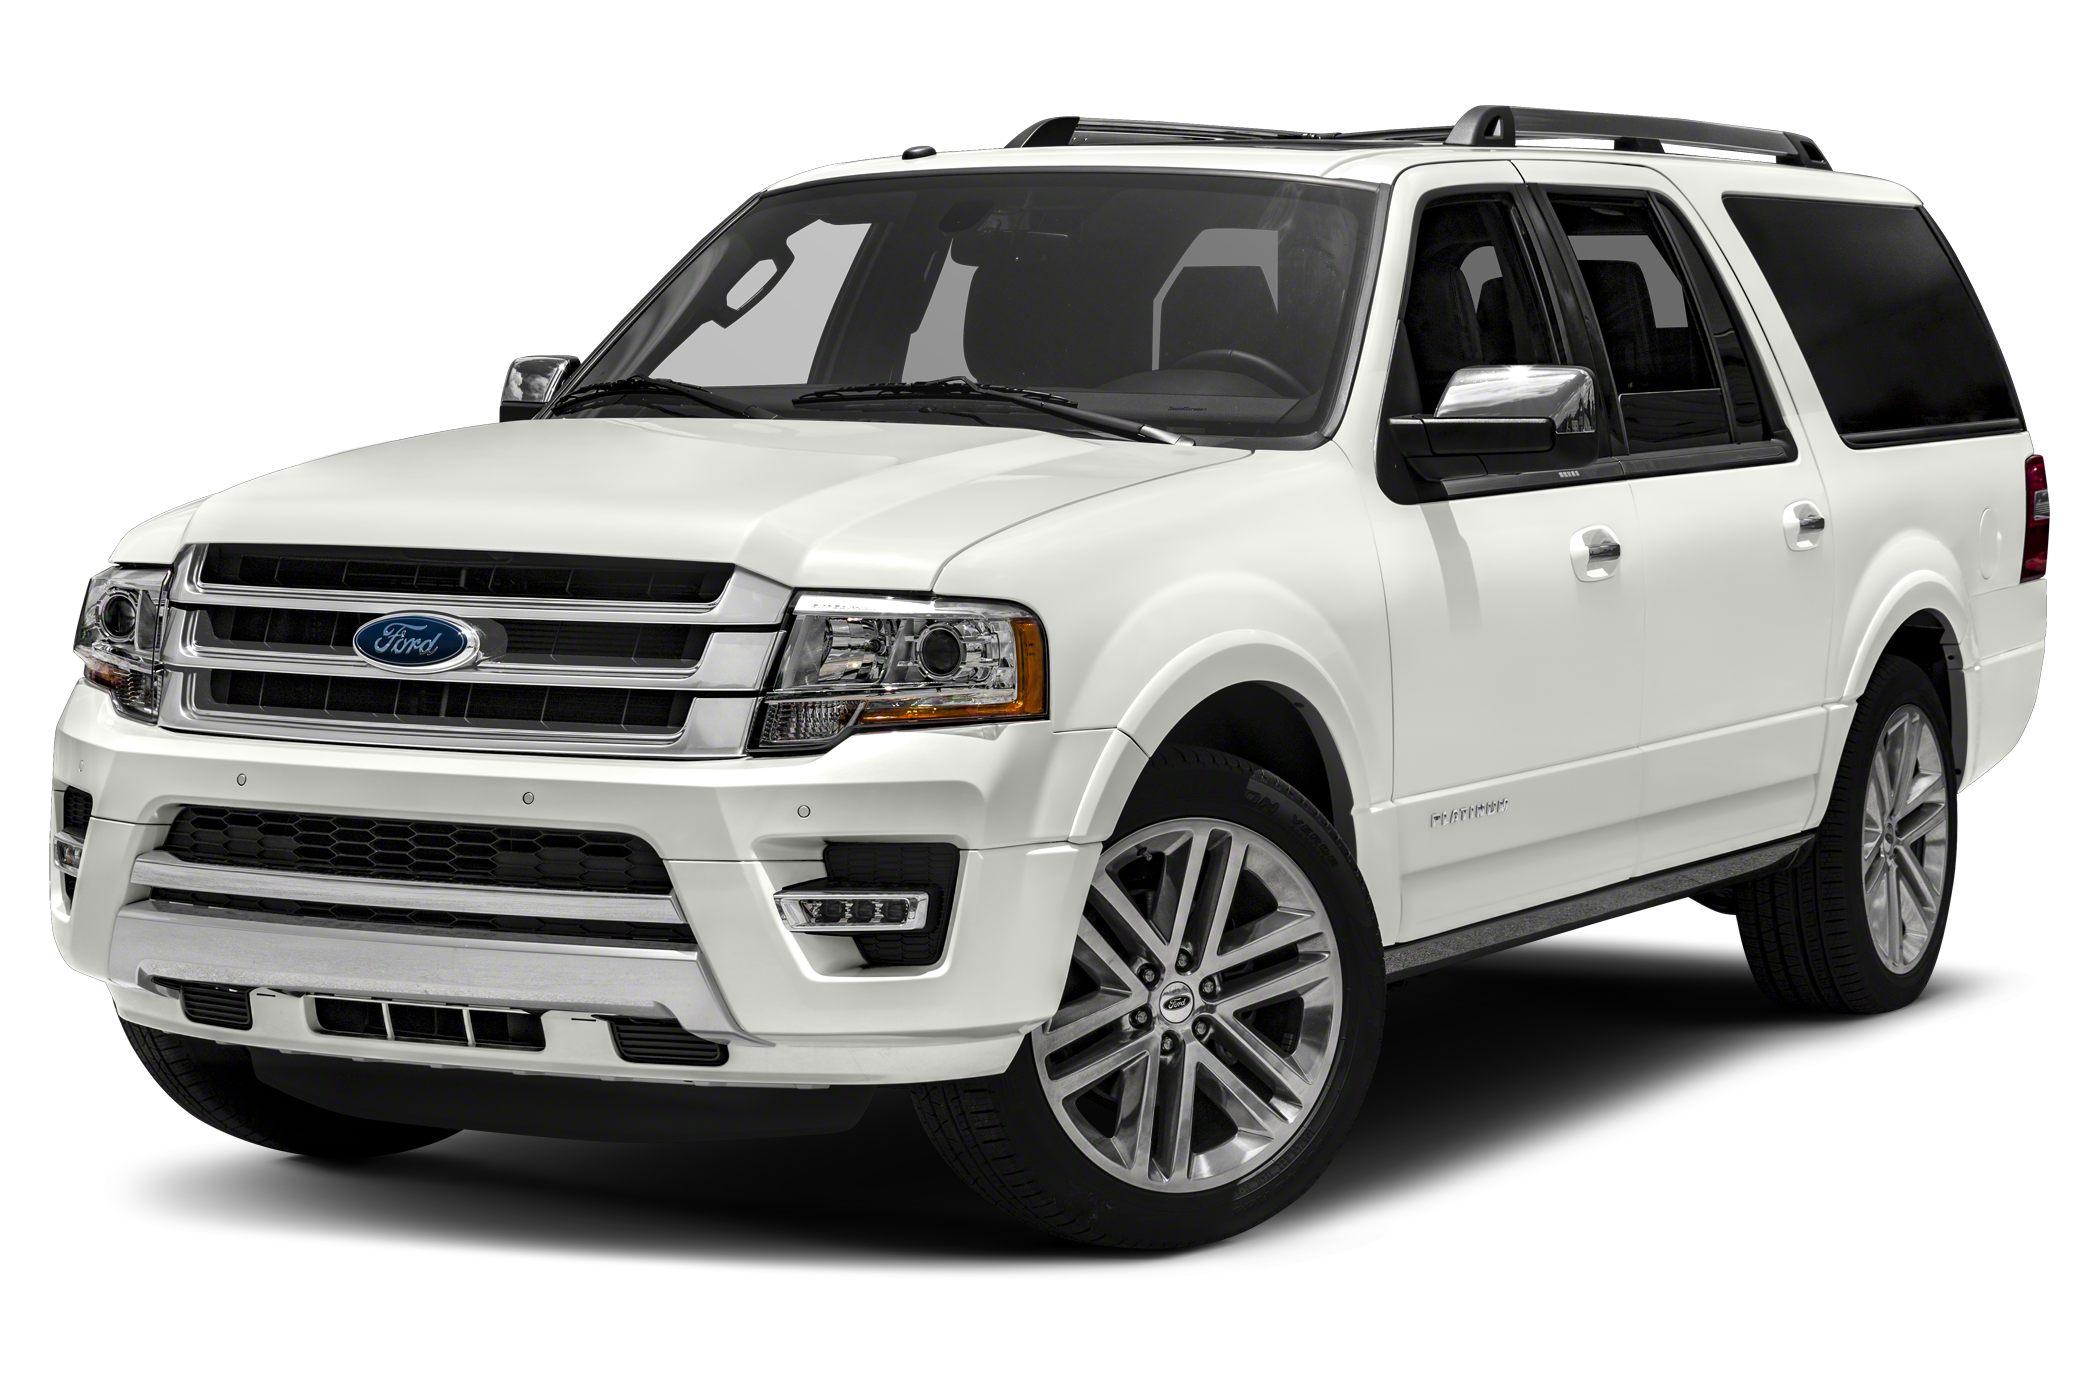 2016 Ford Expedition EL Platinum Miles 40818Stock U8682 VIN 1FMJK1MT4GEF05136